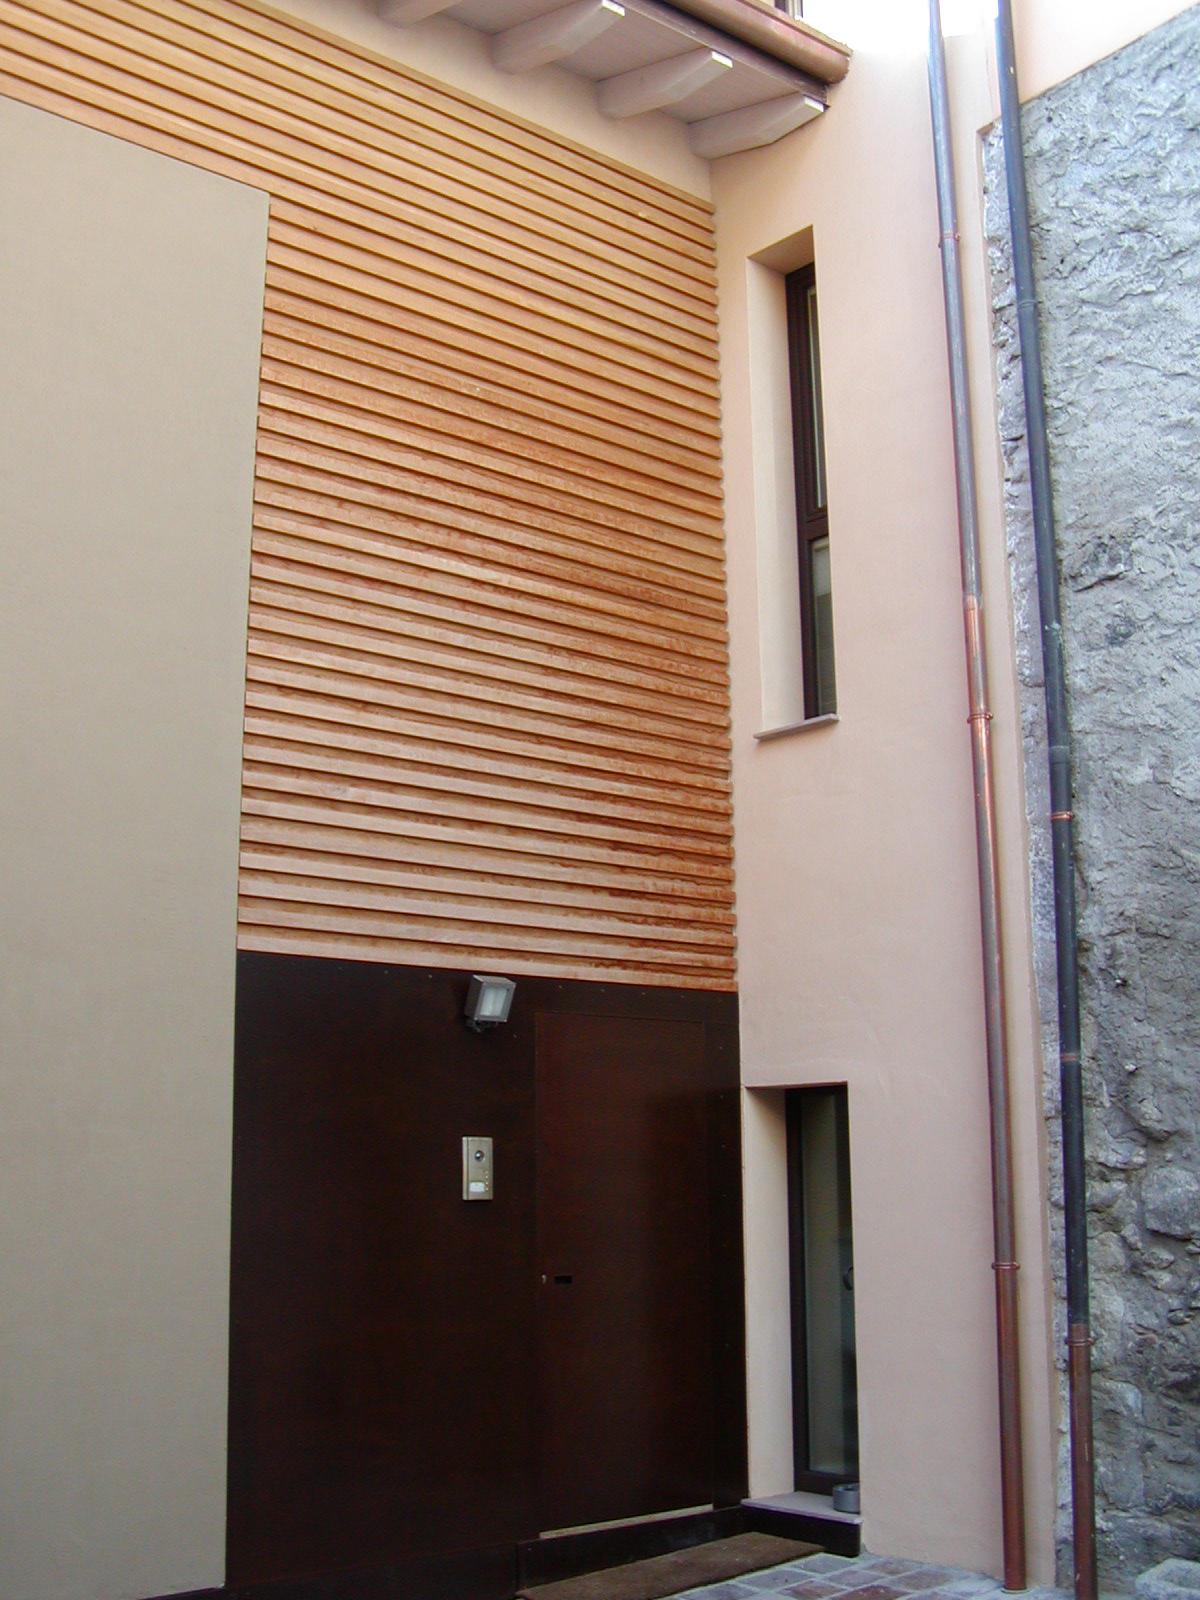 Studio-di-architettura-Baisotti-Sigala-prgetti138